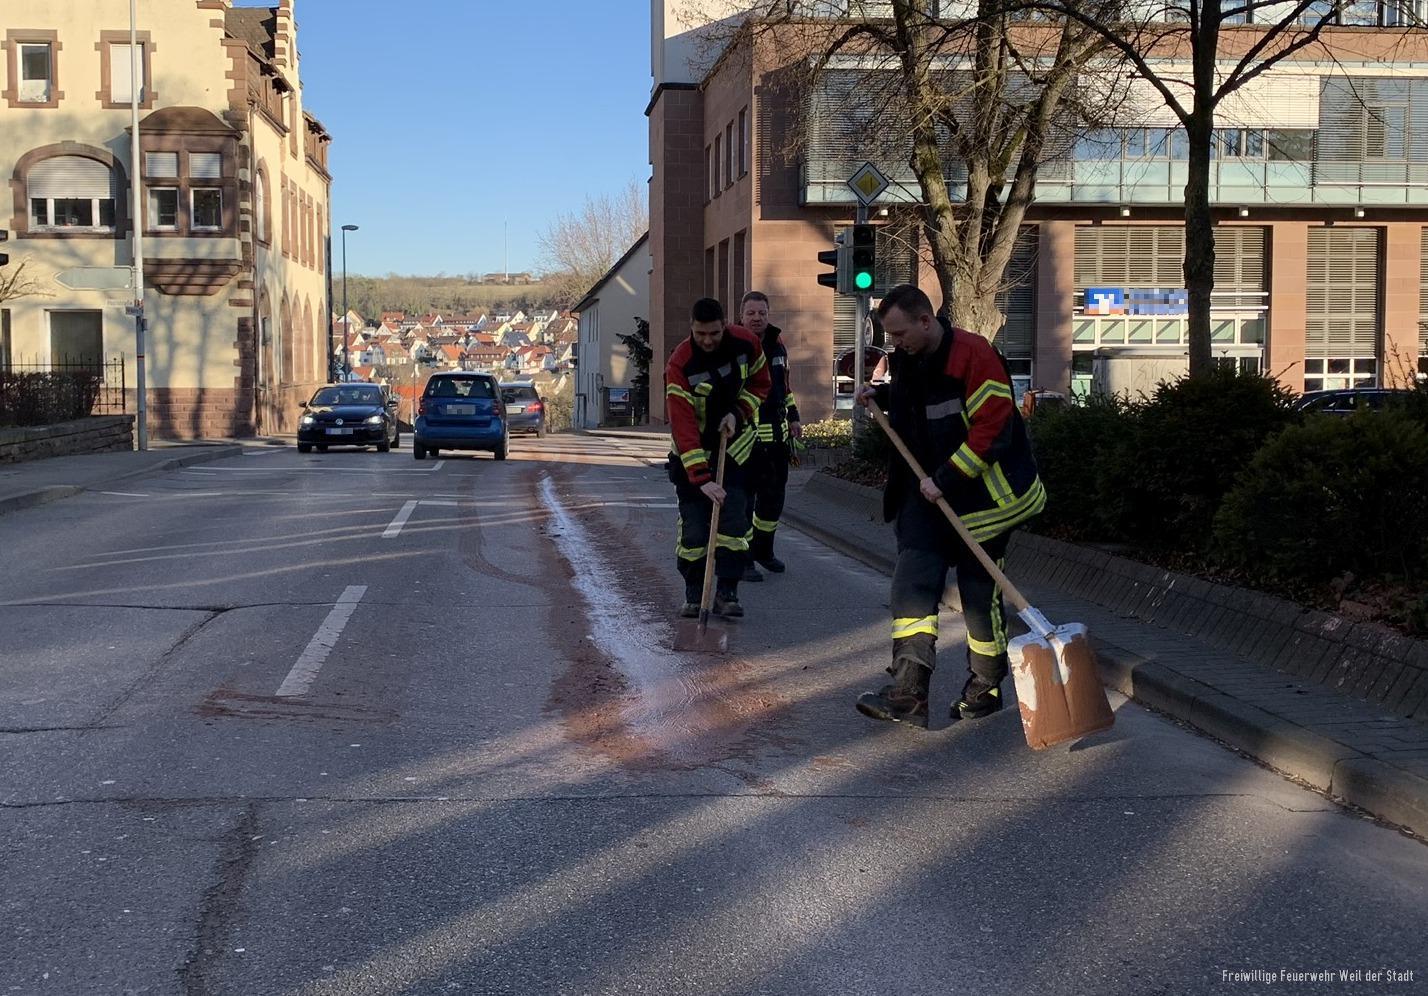 Straßenverunreinigung